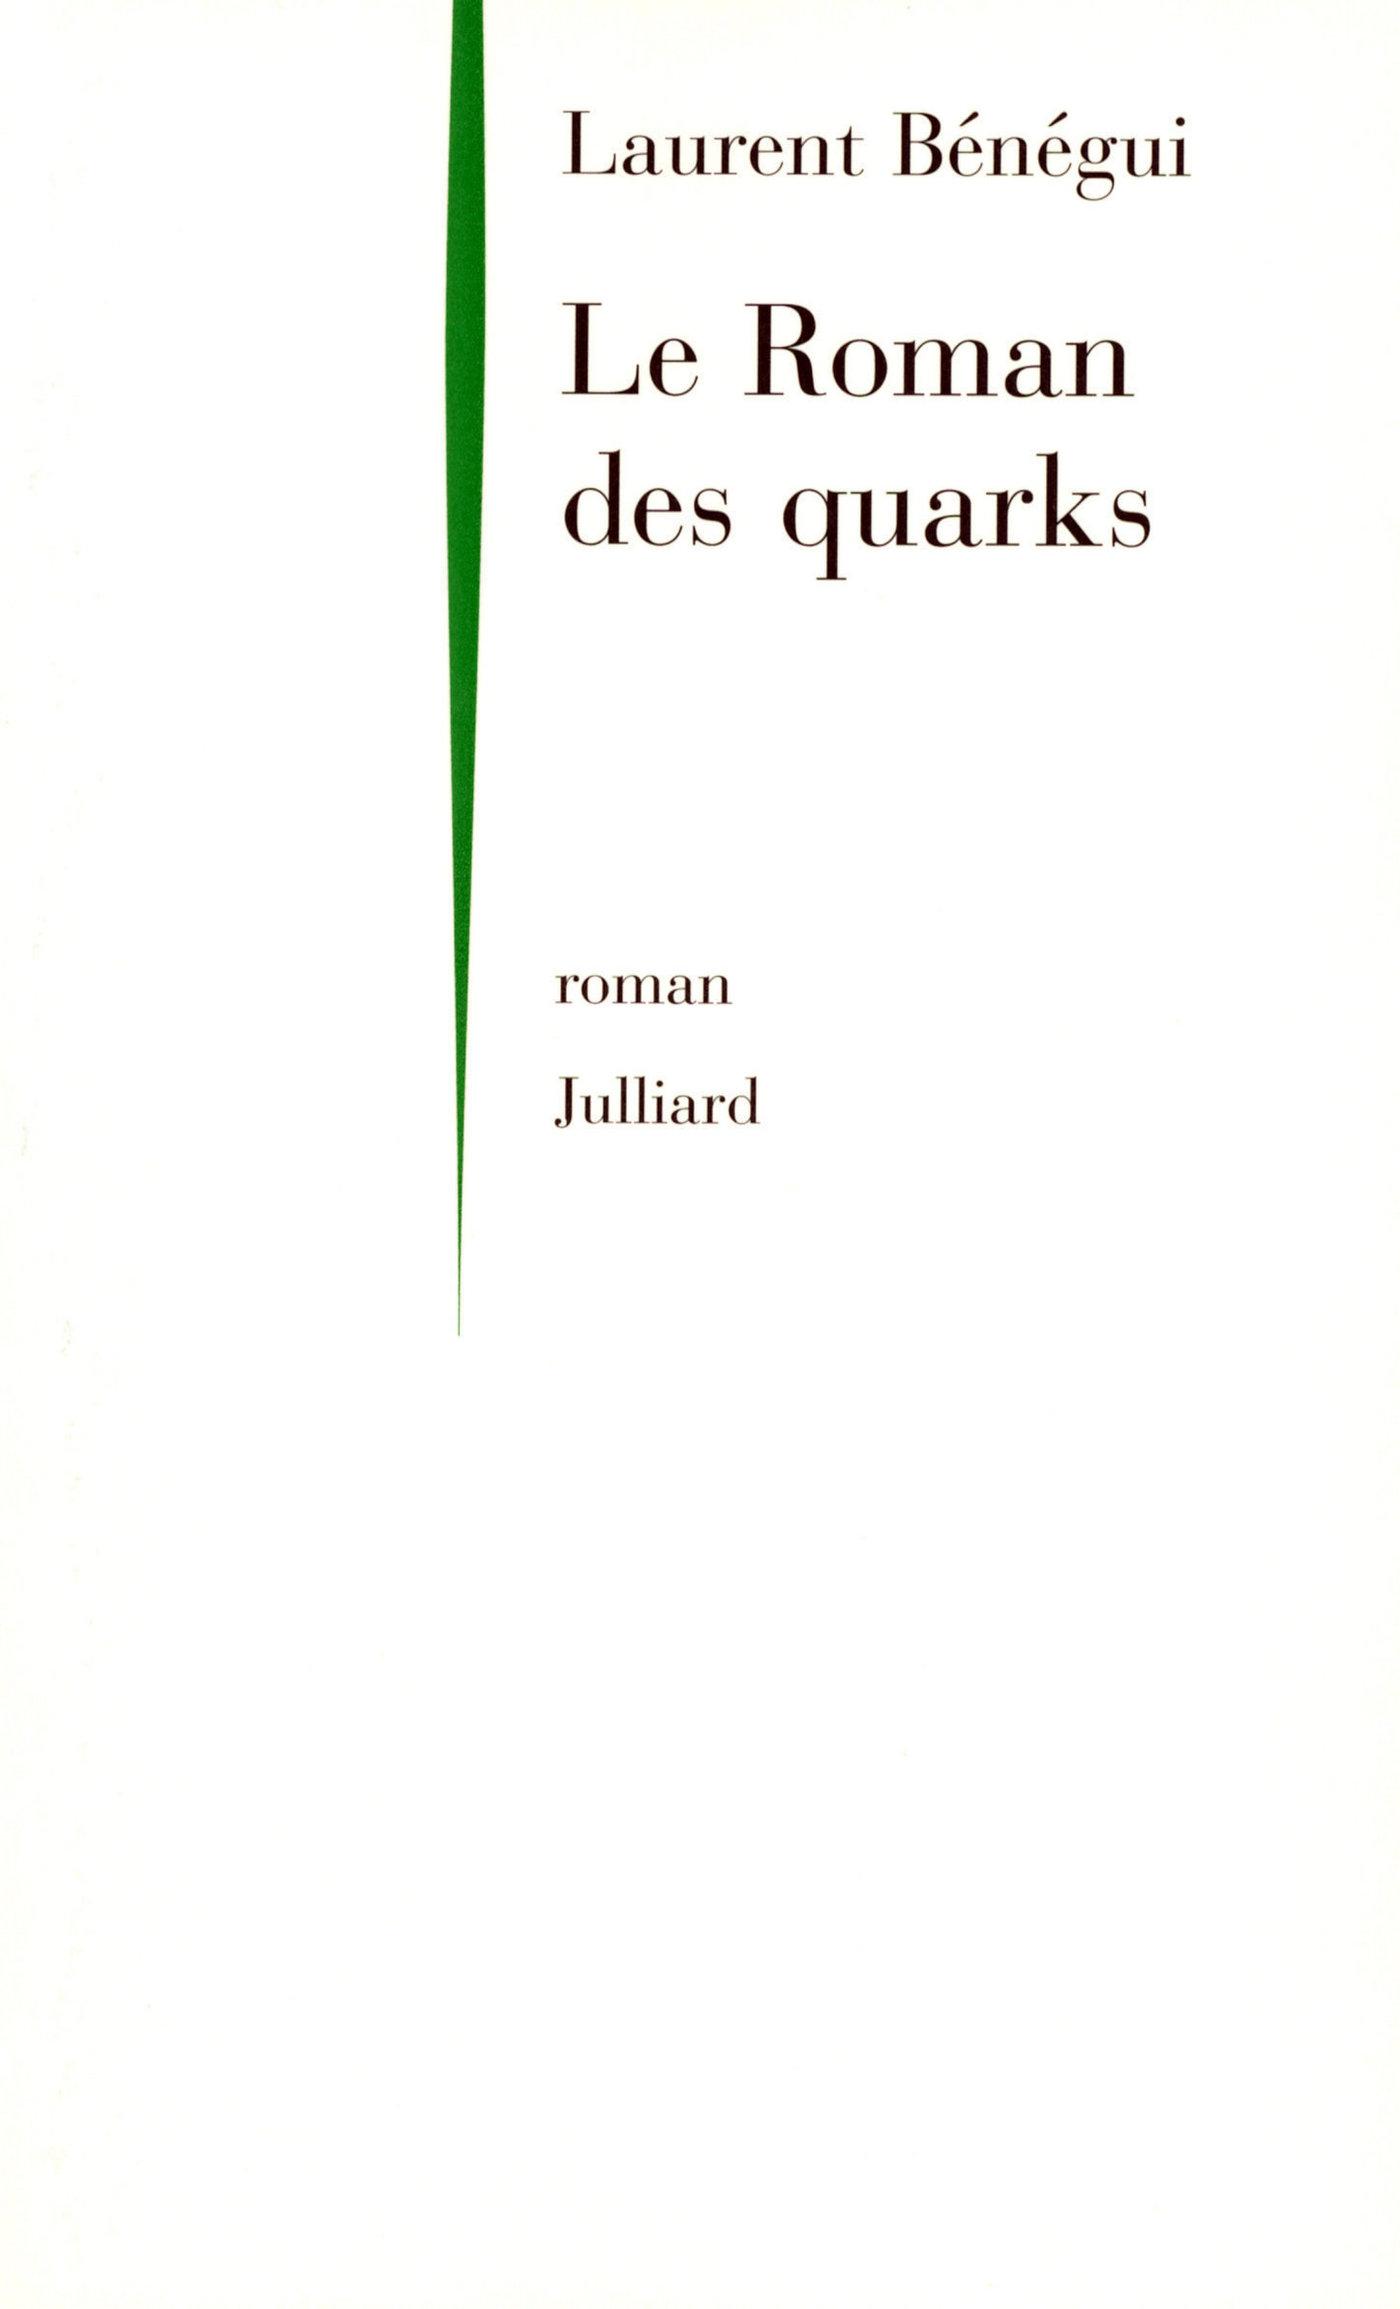 Le roman des quarks